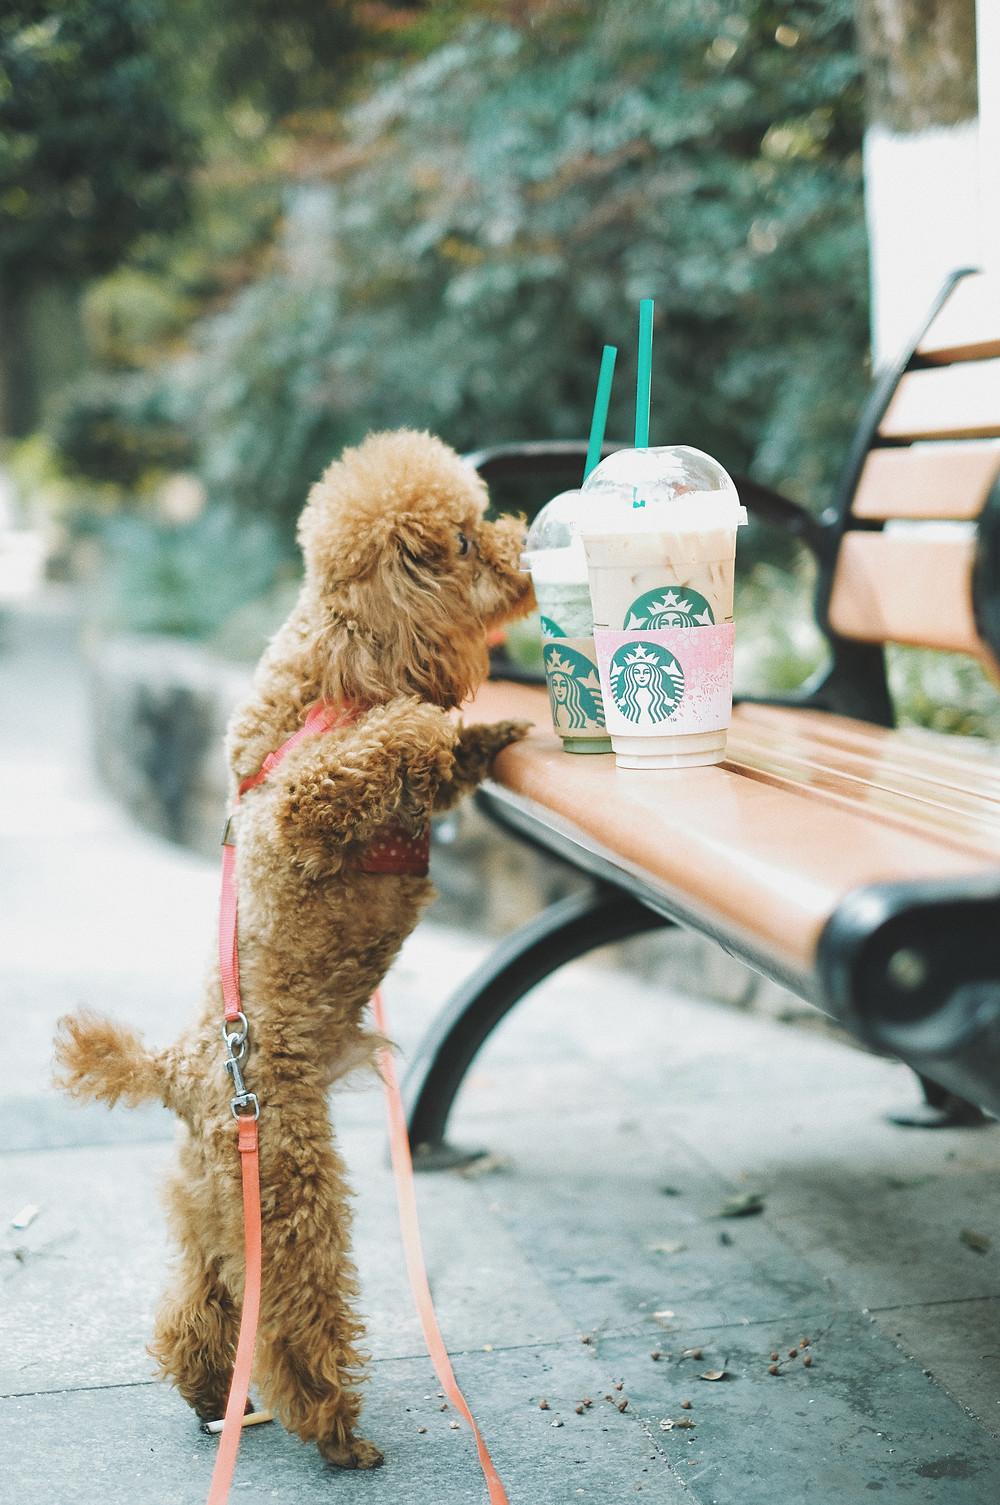 hond eet voedsel van straat